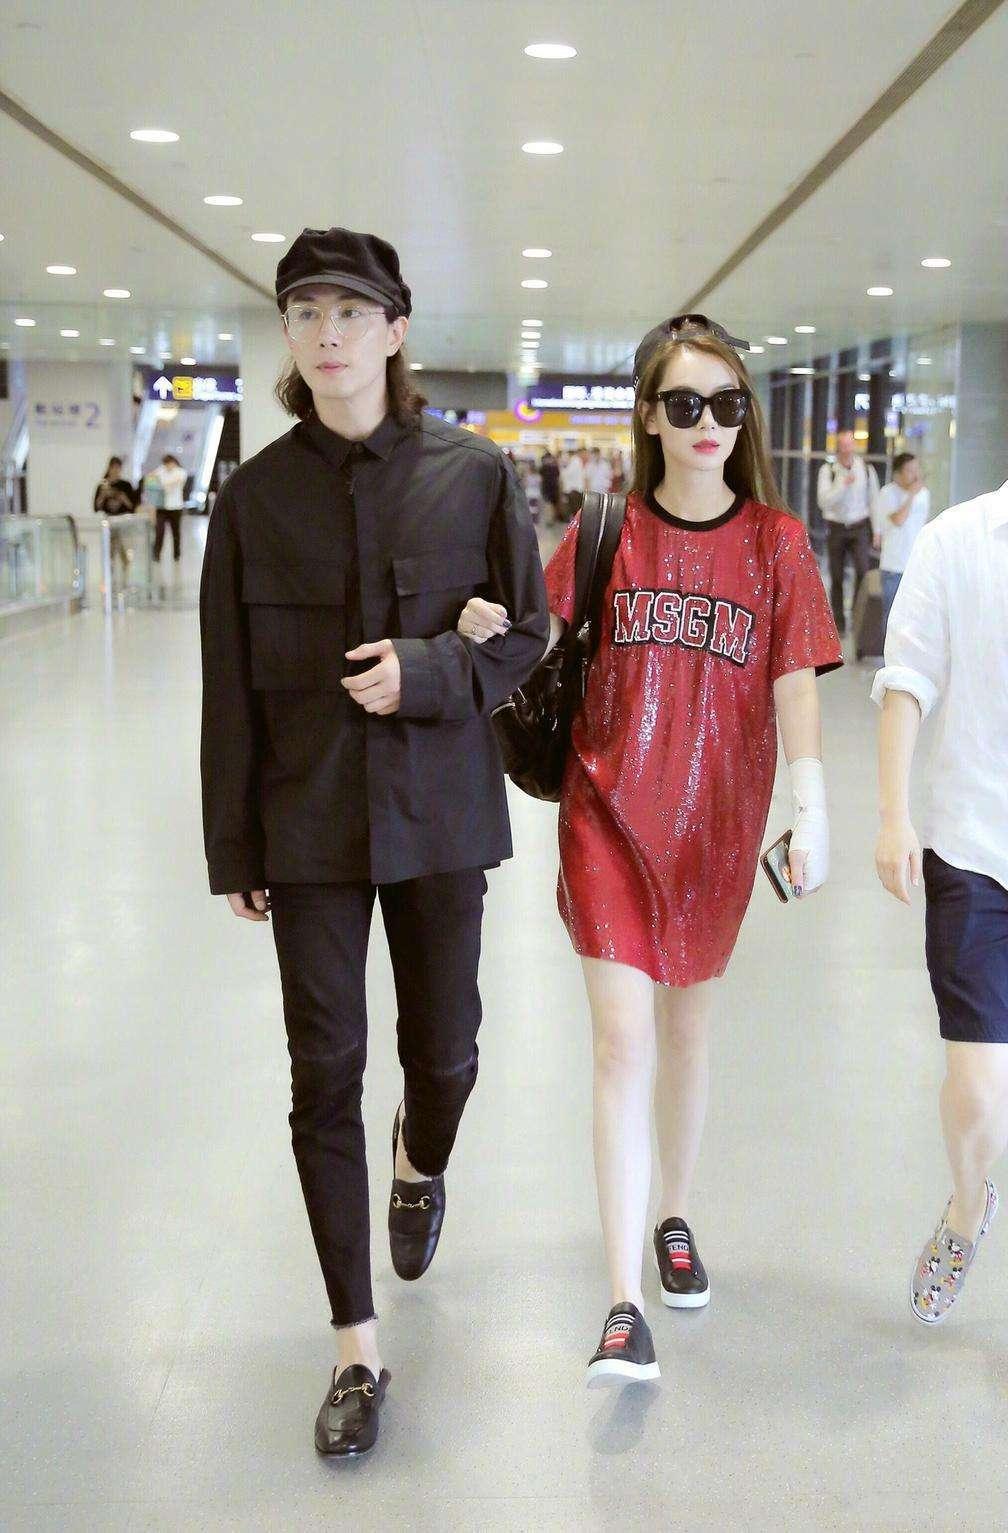 原创 戚薇李承铉现身四川,未修图的脸浮肿很显龄,跟机场差距大!